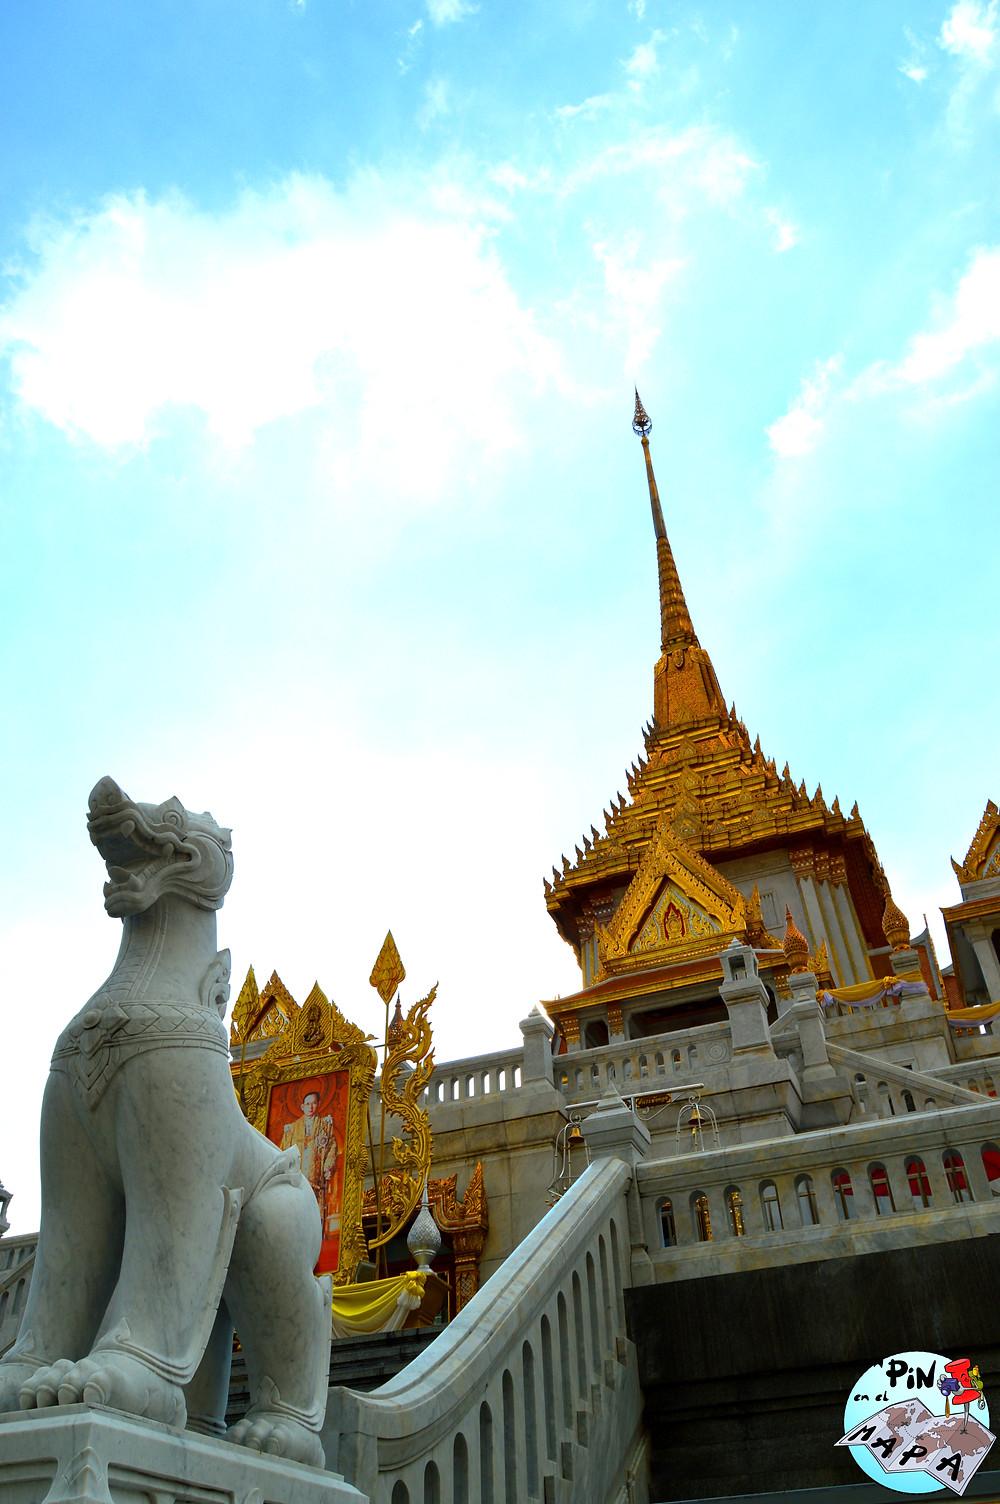 Wat Traimit Bagkok   Un Pin en el Mapa